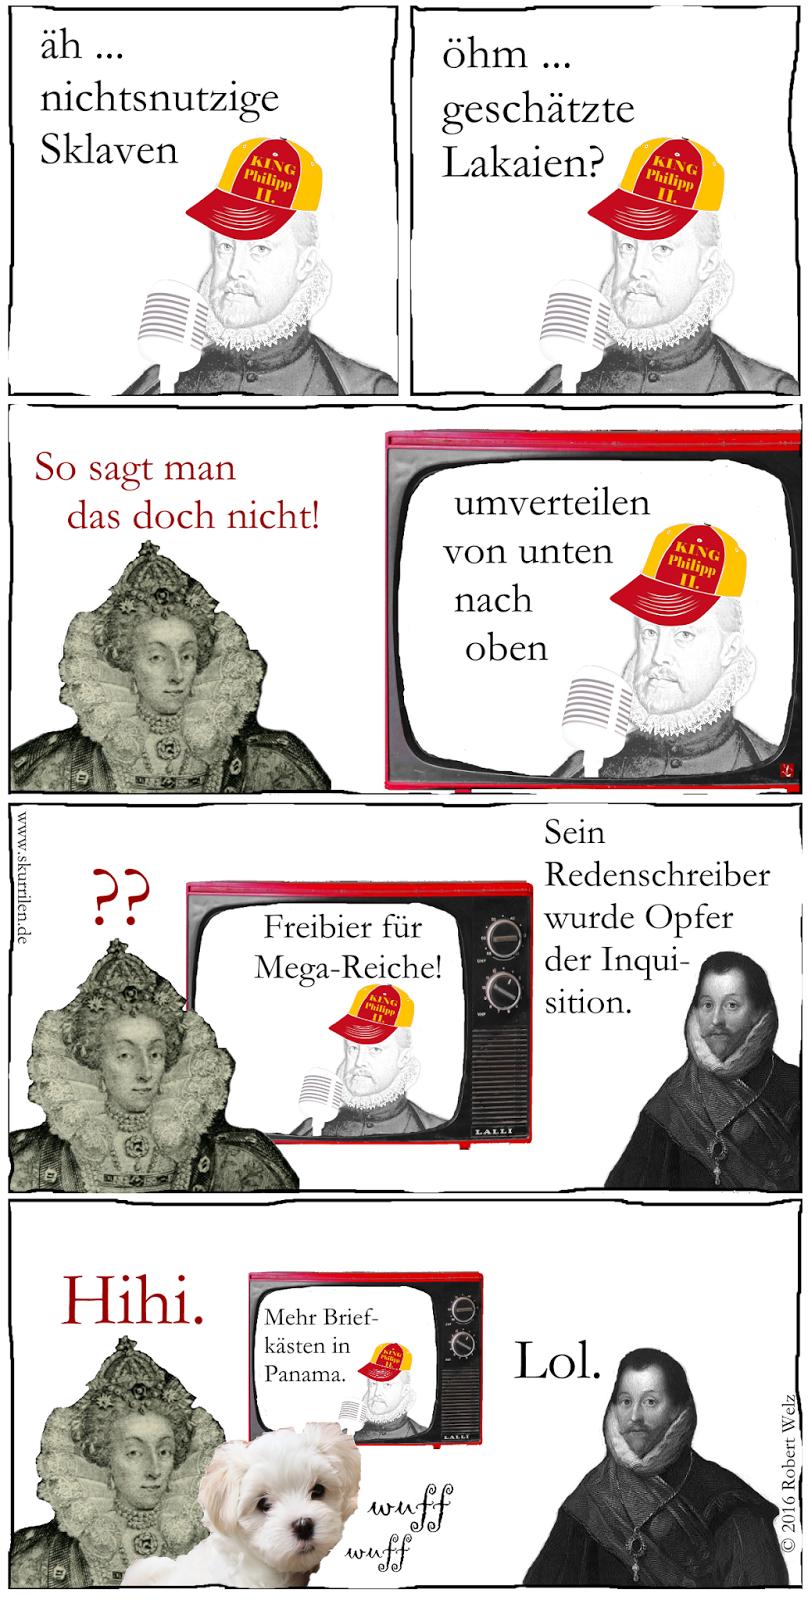 """Philipp II. sollte sich besser einen neuen Redenschreiber suchen. Seine selbst verfassten Texte zu Briefkasten-Firmen in Panama überzeugen weder die Königin von England noch """"ihren"""" Piraten. Und sogar der Malteser Hundewelpe schaut ganz traurig."""